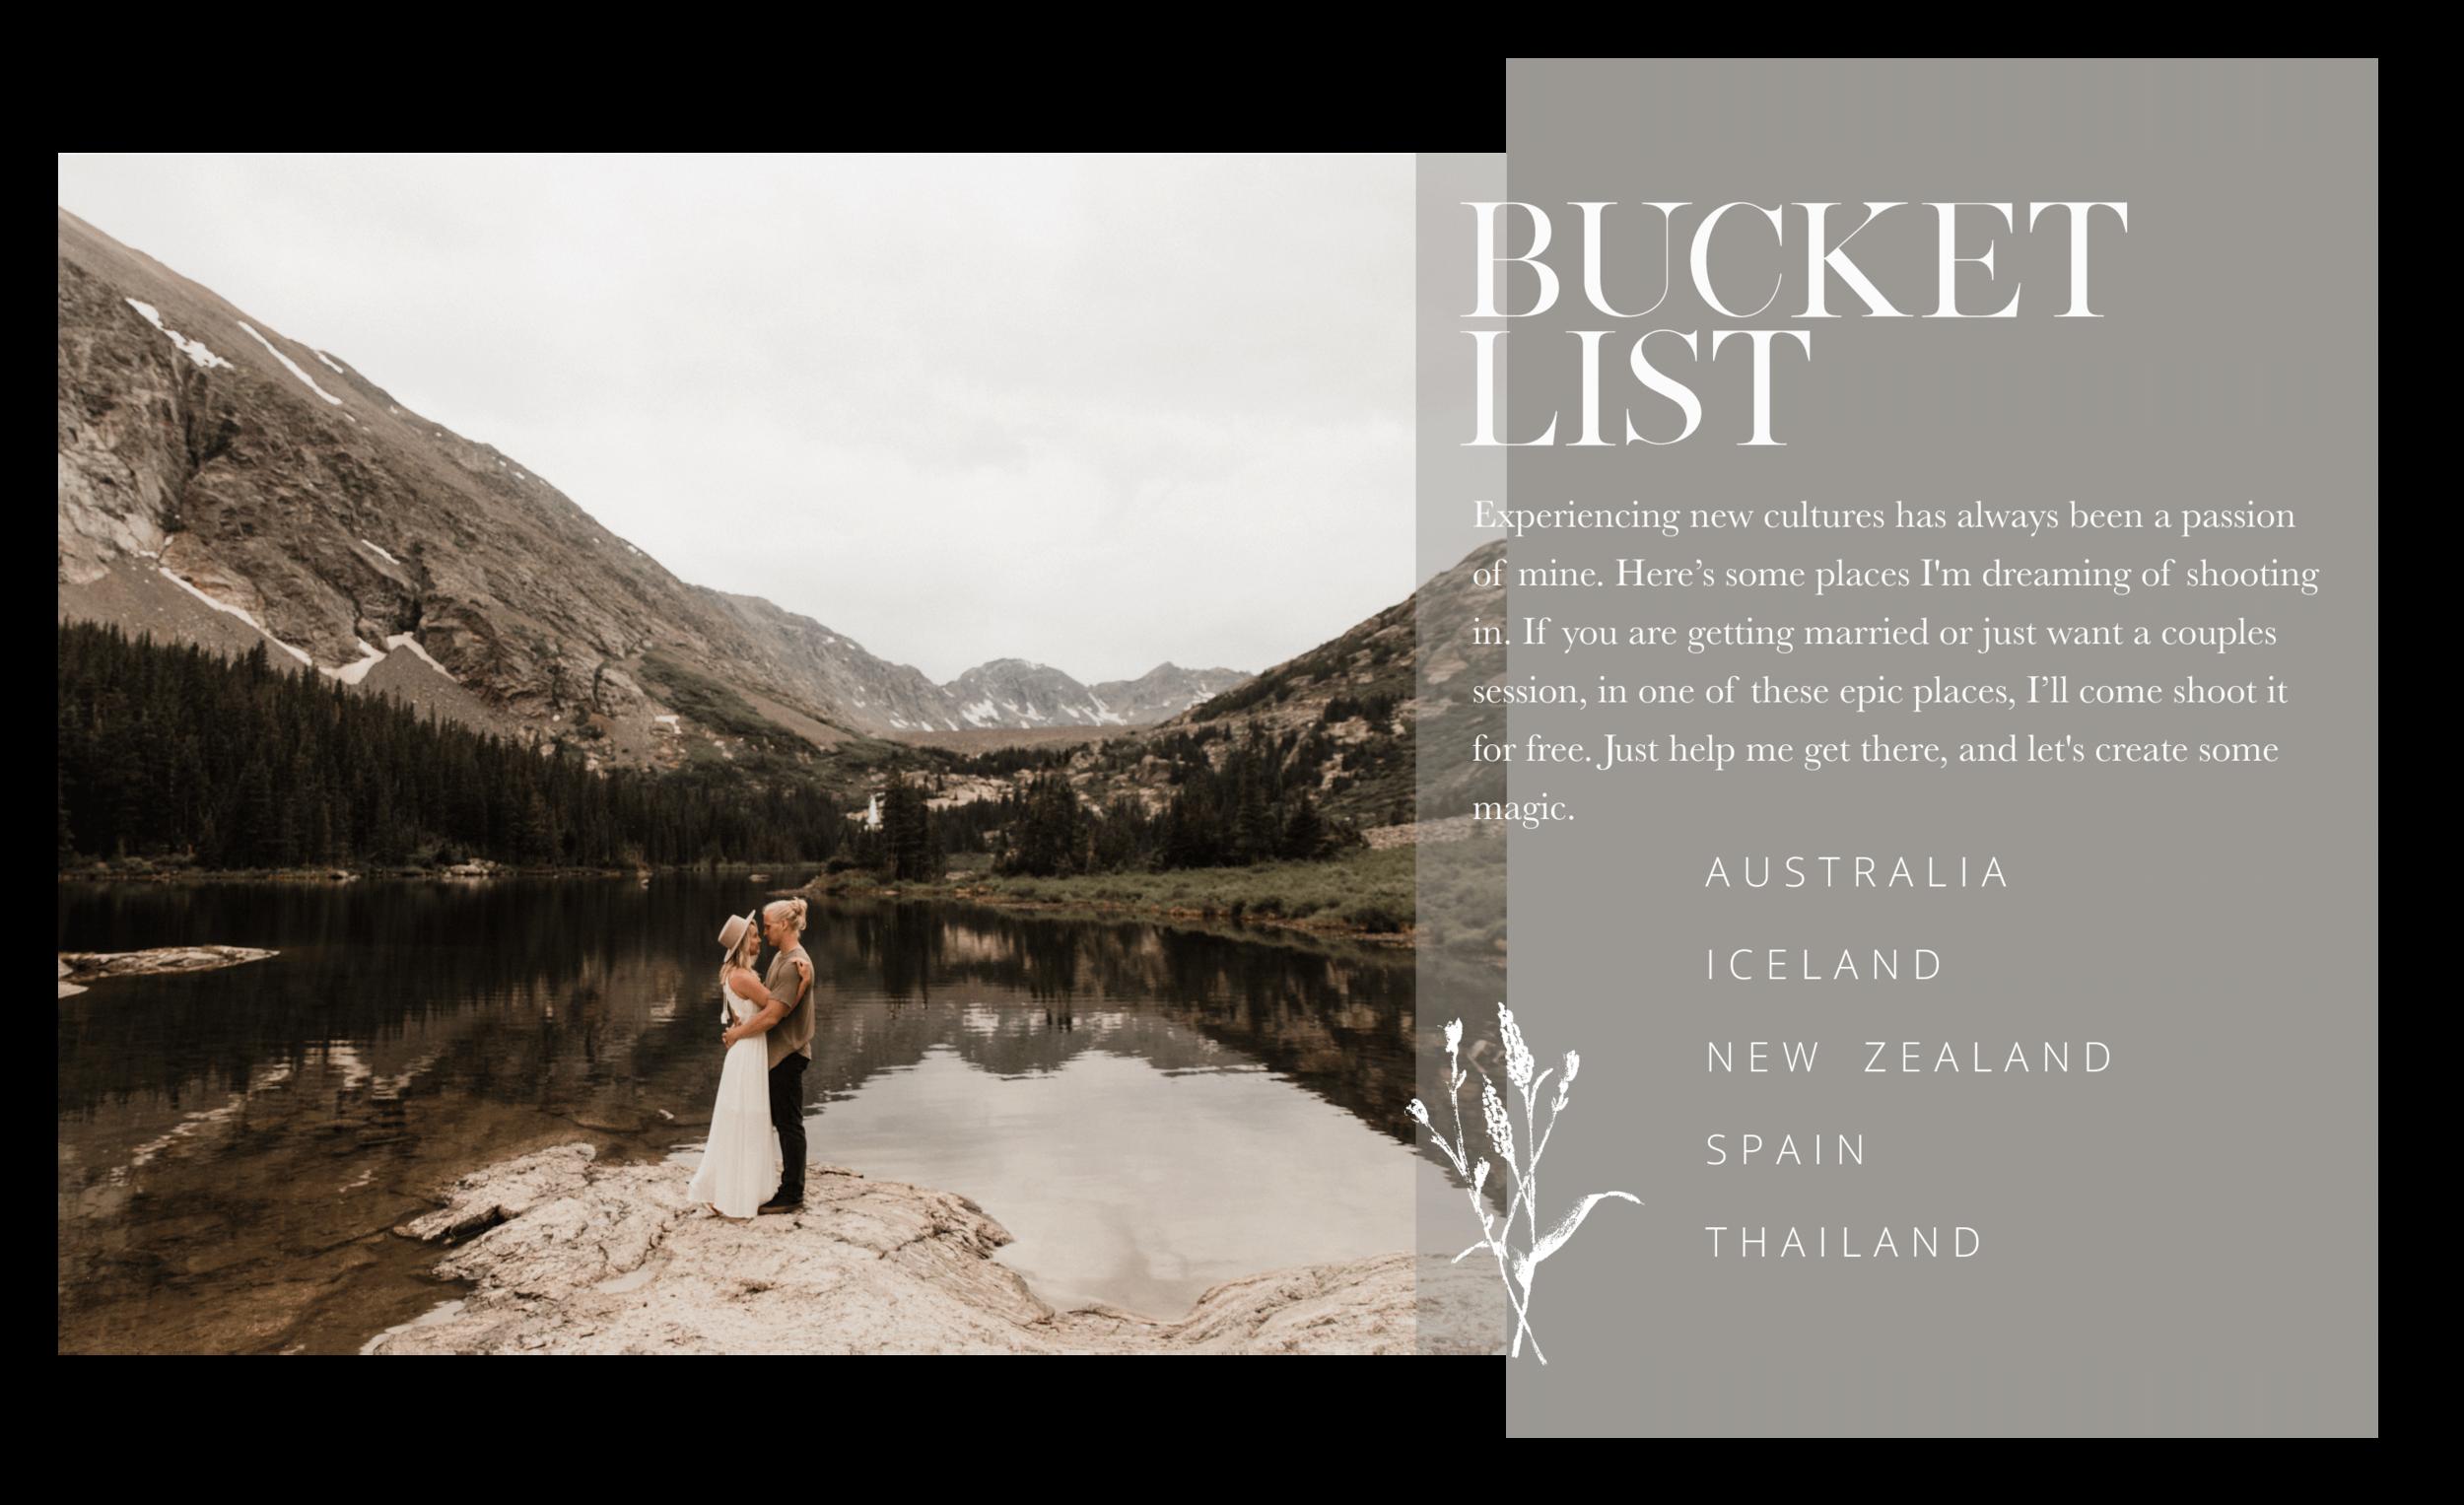 Website-travel-bucketlist.png